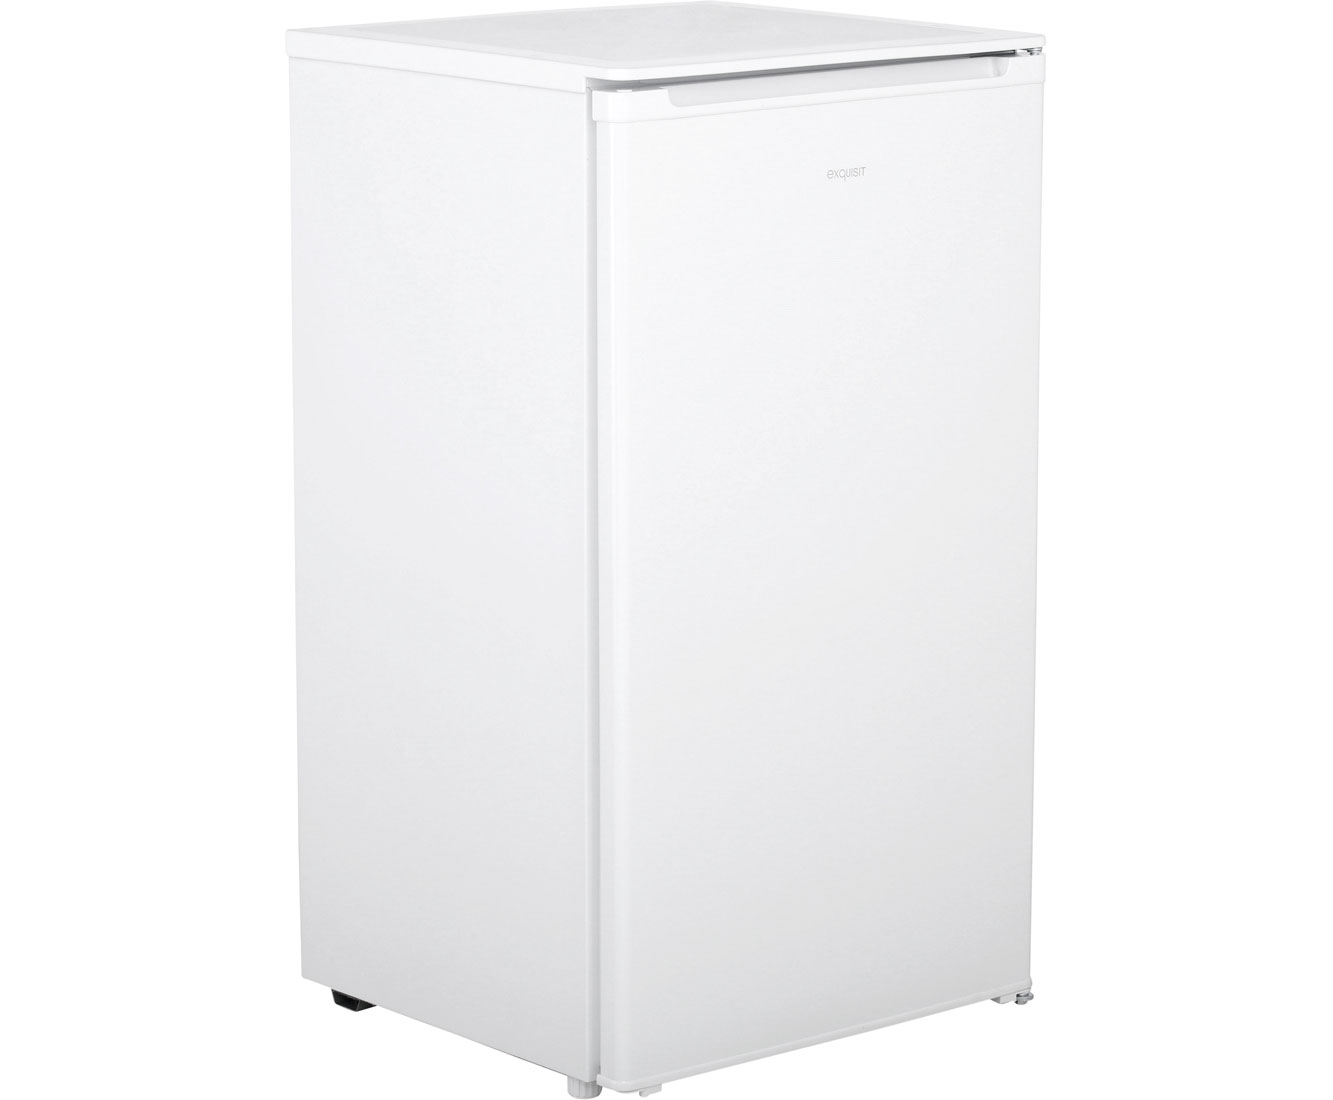 Exquisit Retro Kühlschrank : Exquisit ks 92 4 rva top kühlschrank freistehend 48cm weiss neu ebay